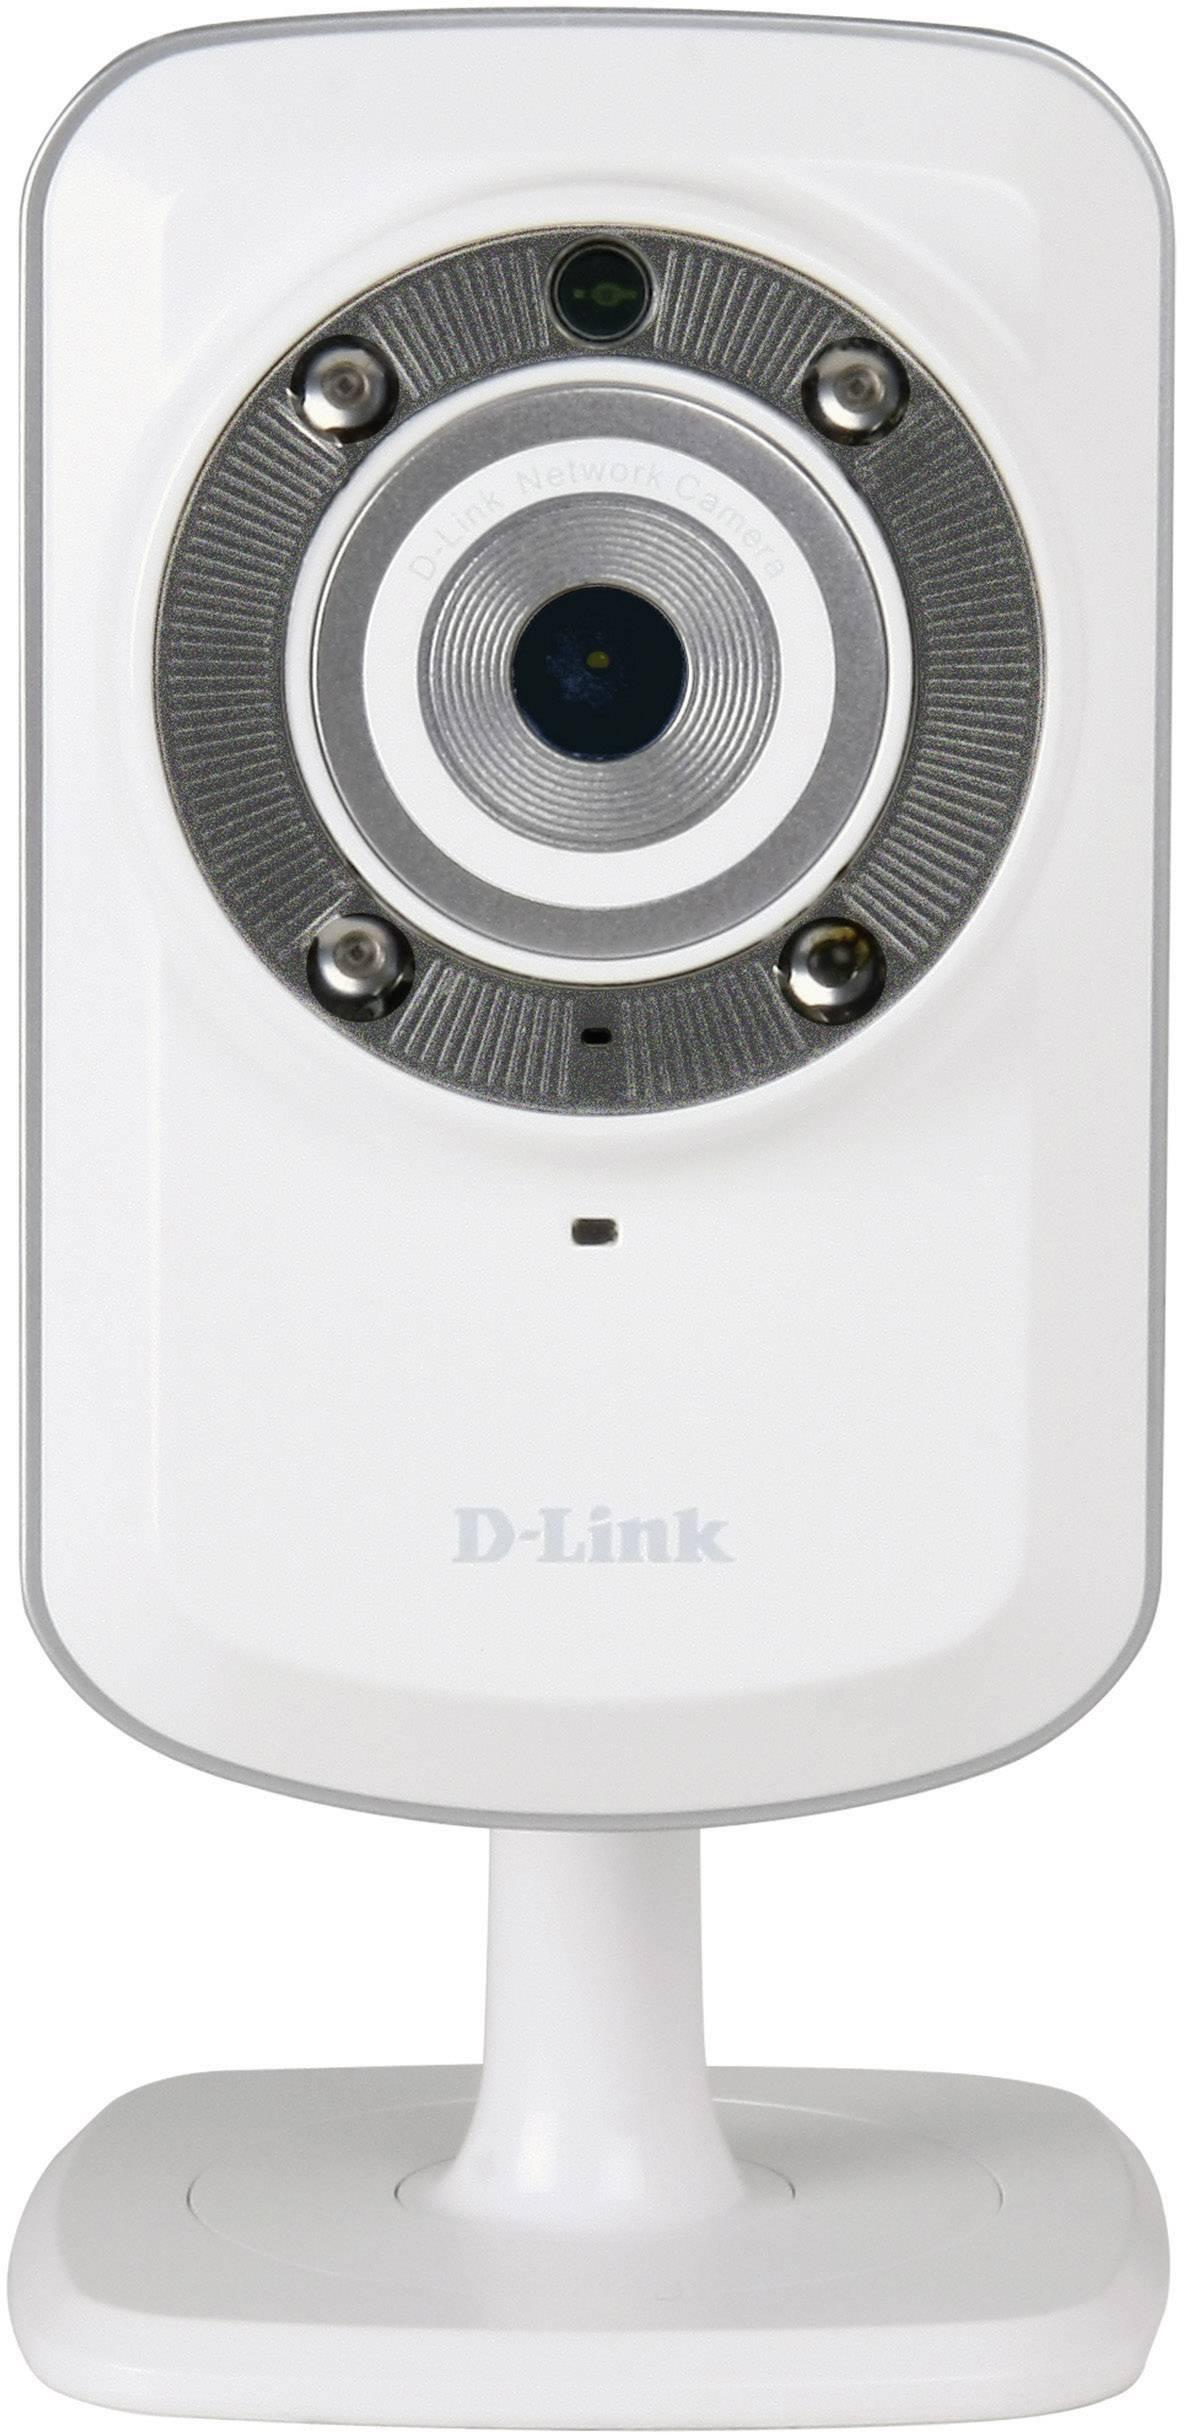 Bezdrôtová bezpečnostná IP kamera D-Link DCS-932L, denný aj nočný záznam, 640 x 480 px